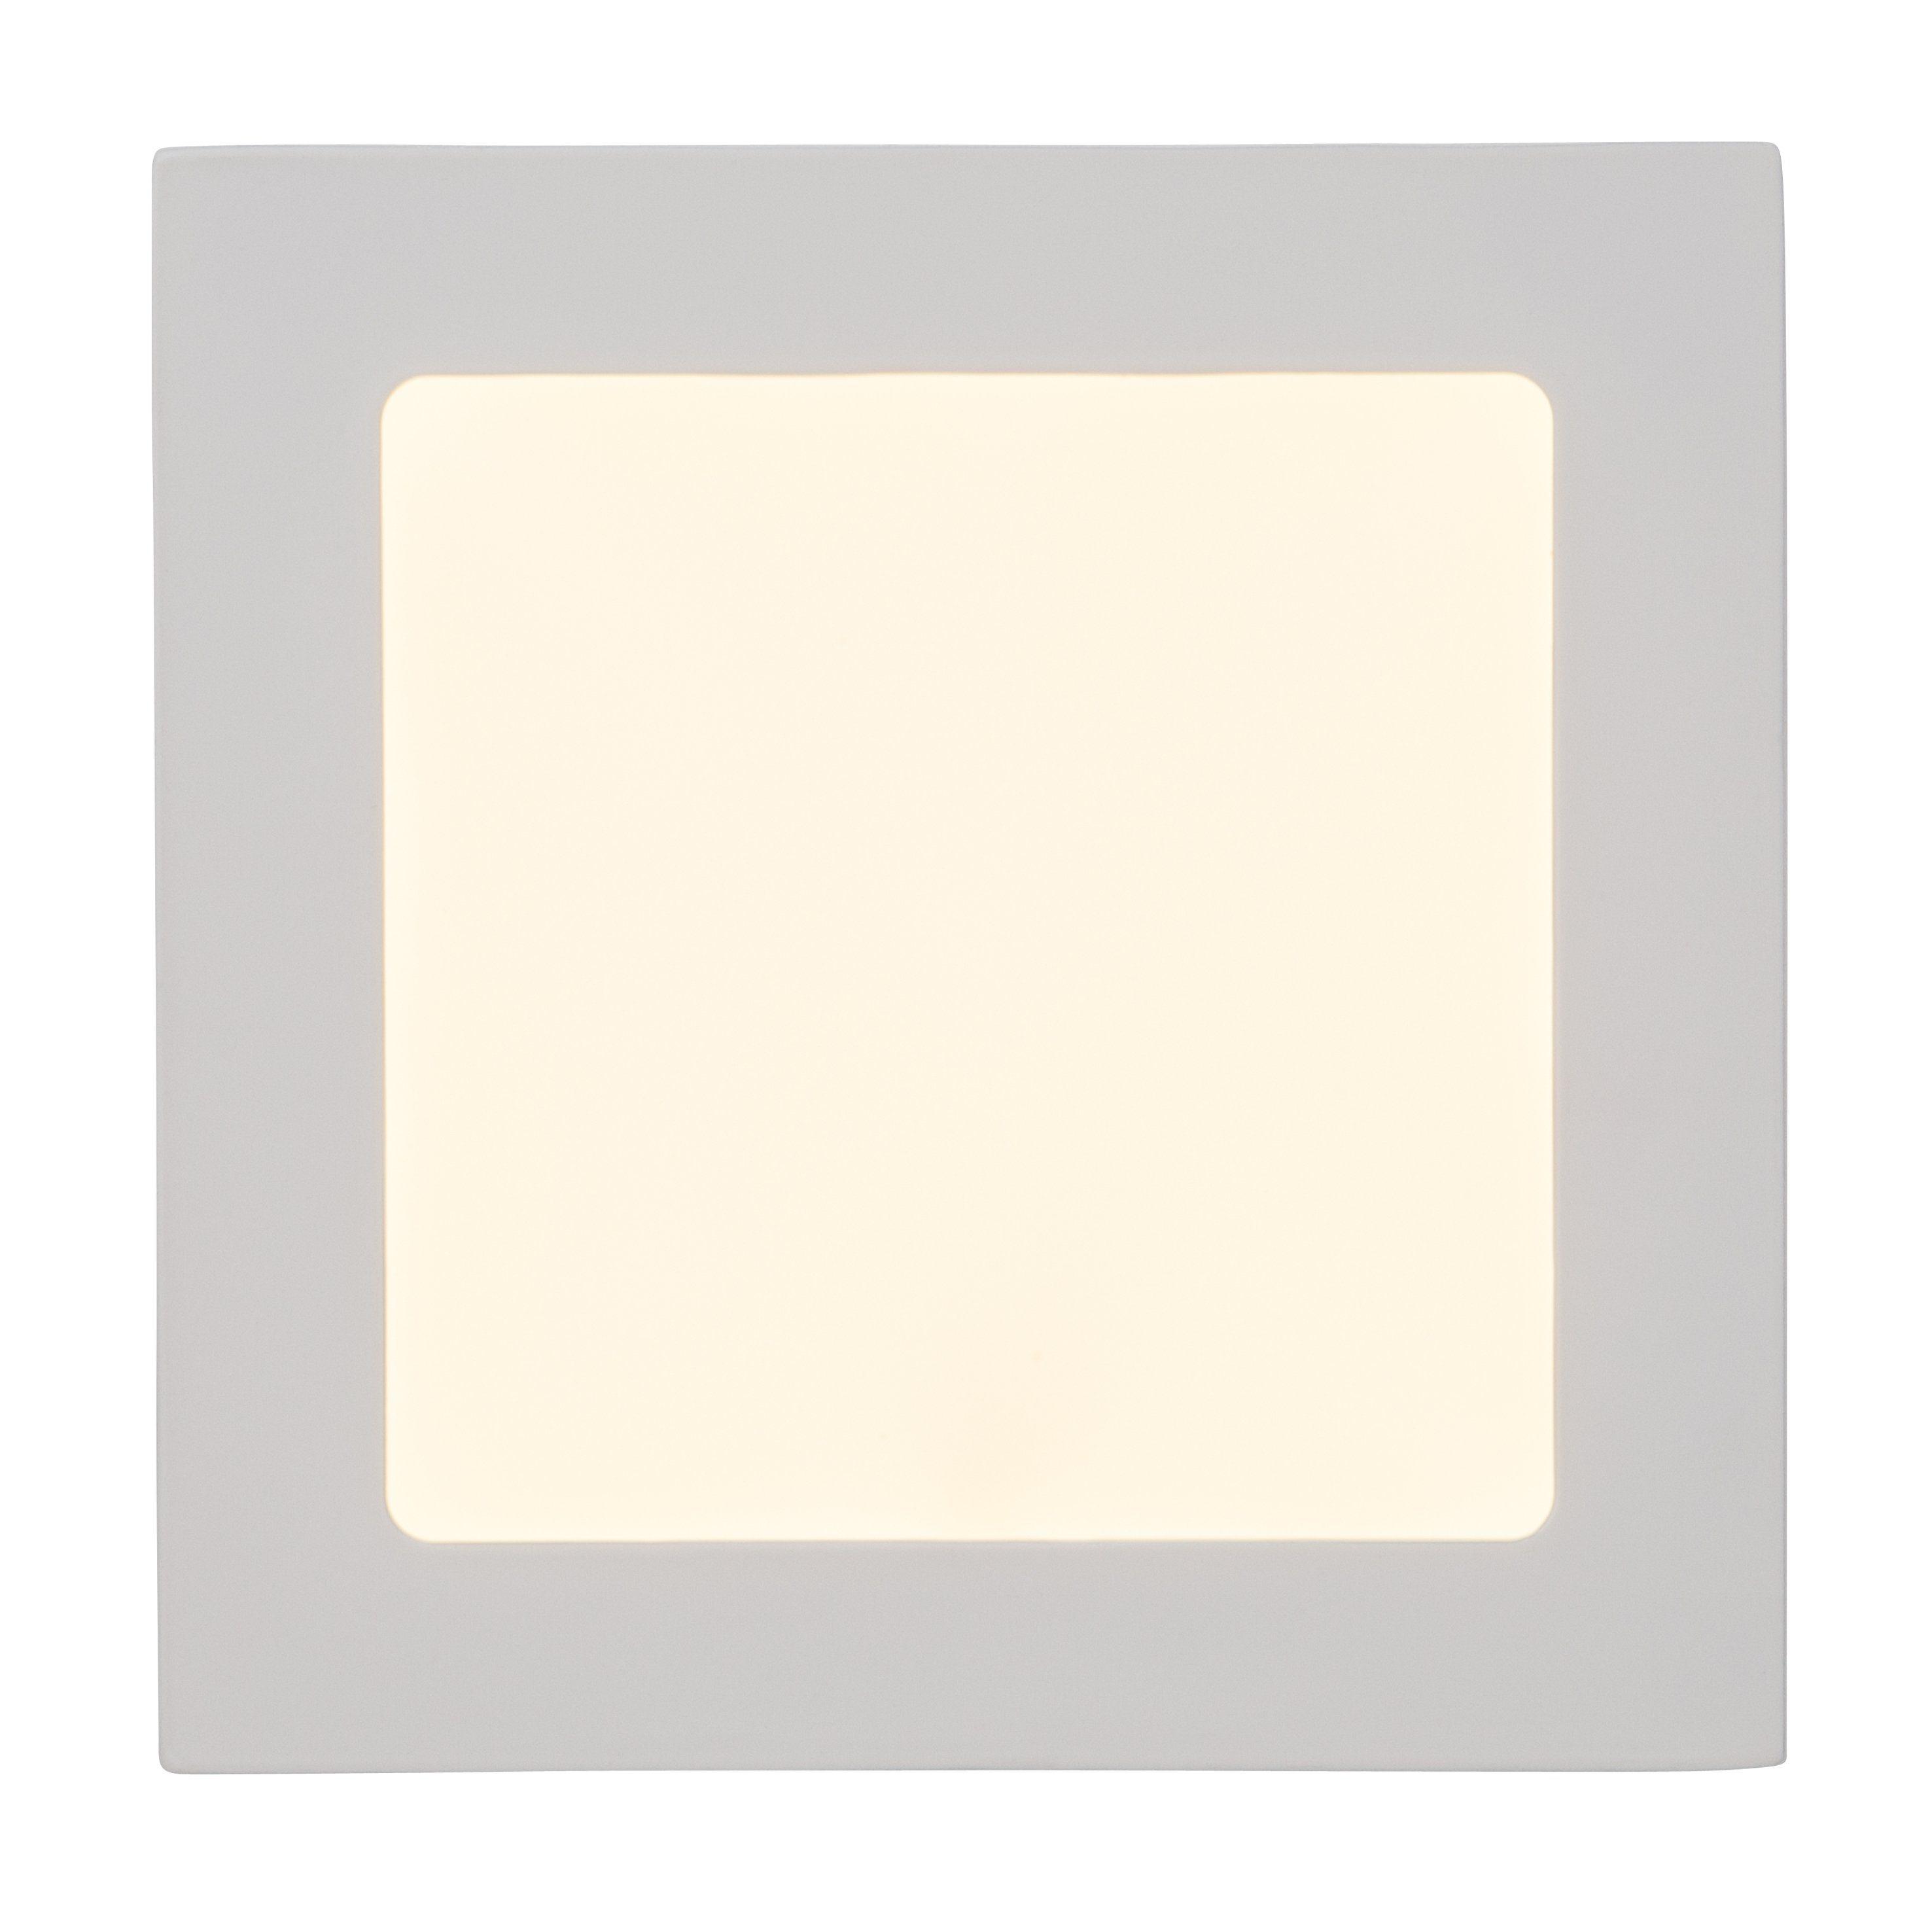 Brilliant Leuchten Kolja LED Einbauleuchte 12W weiß